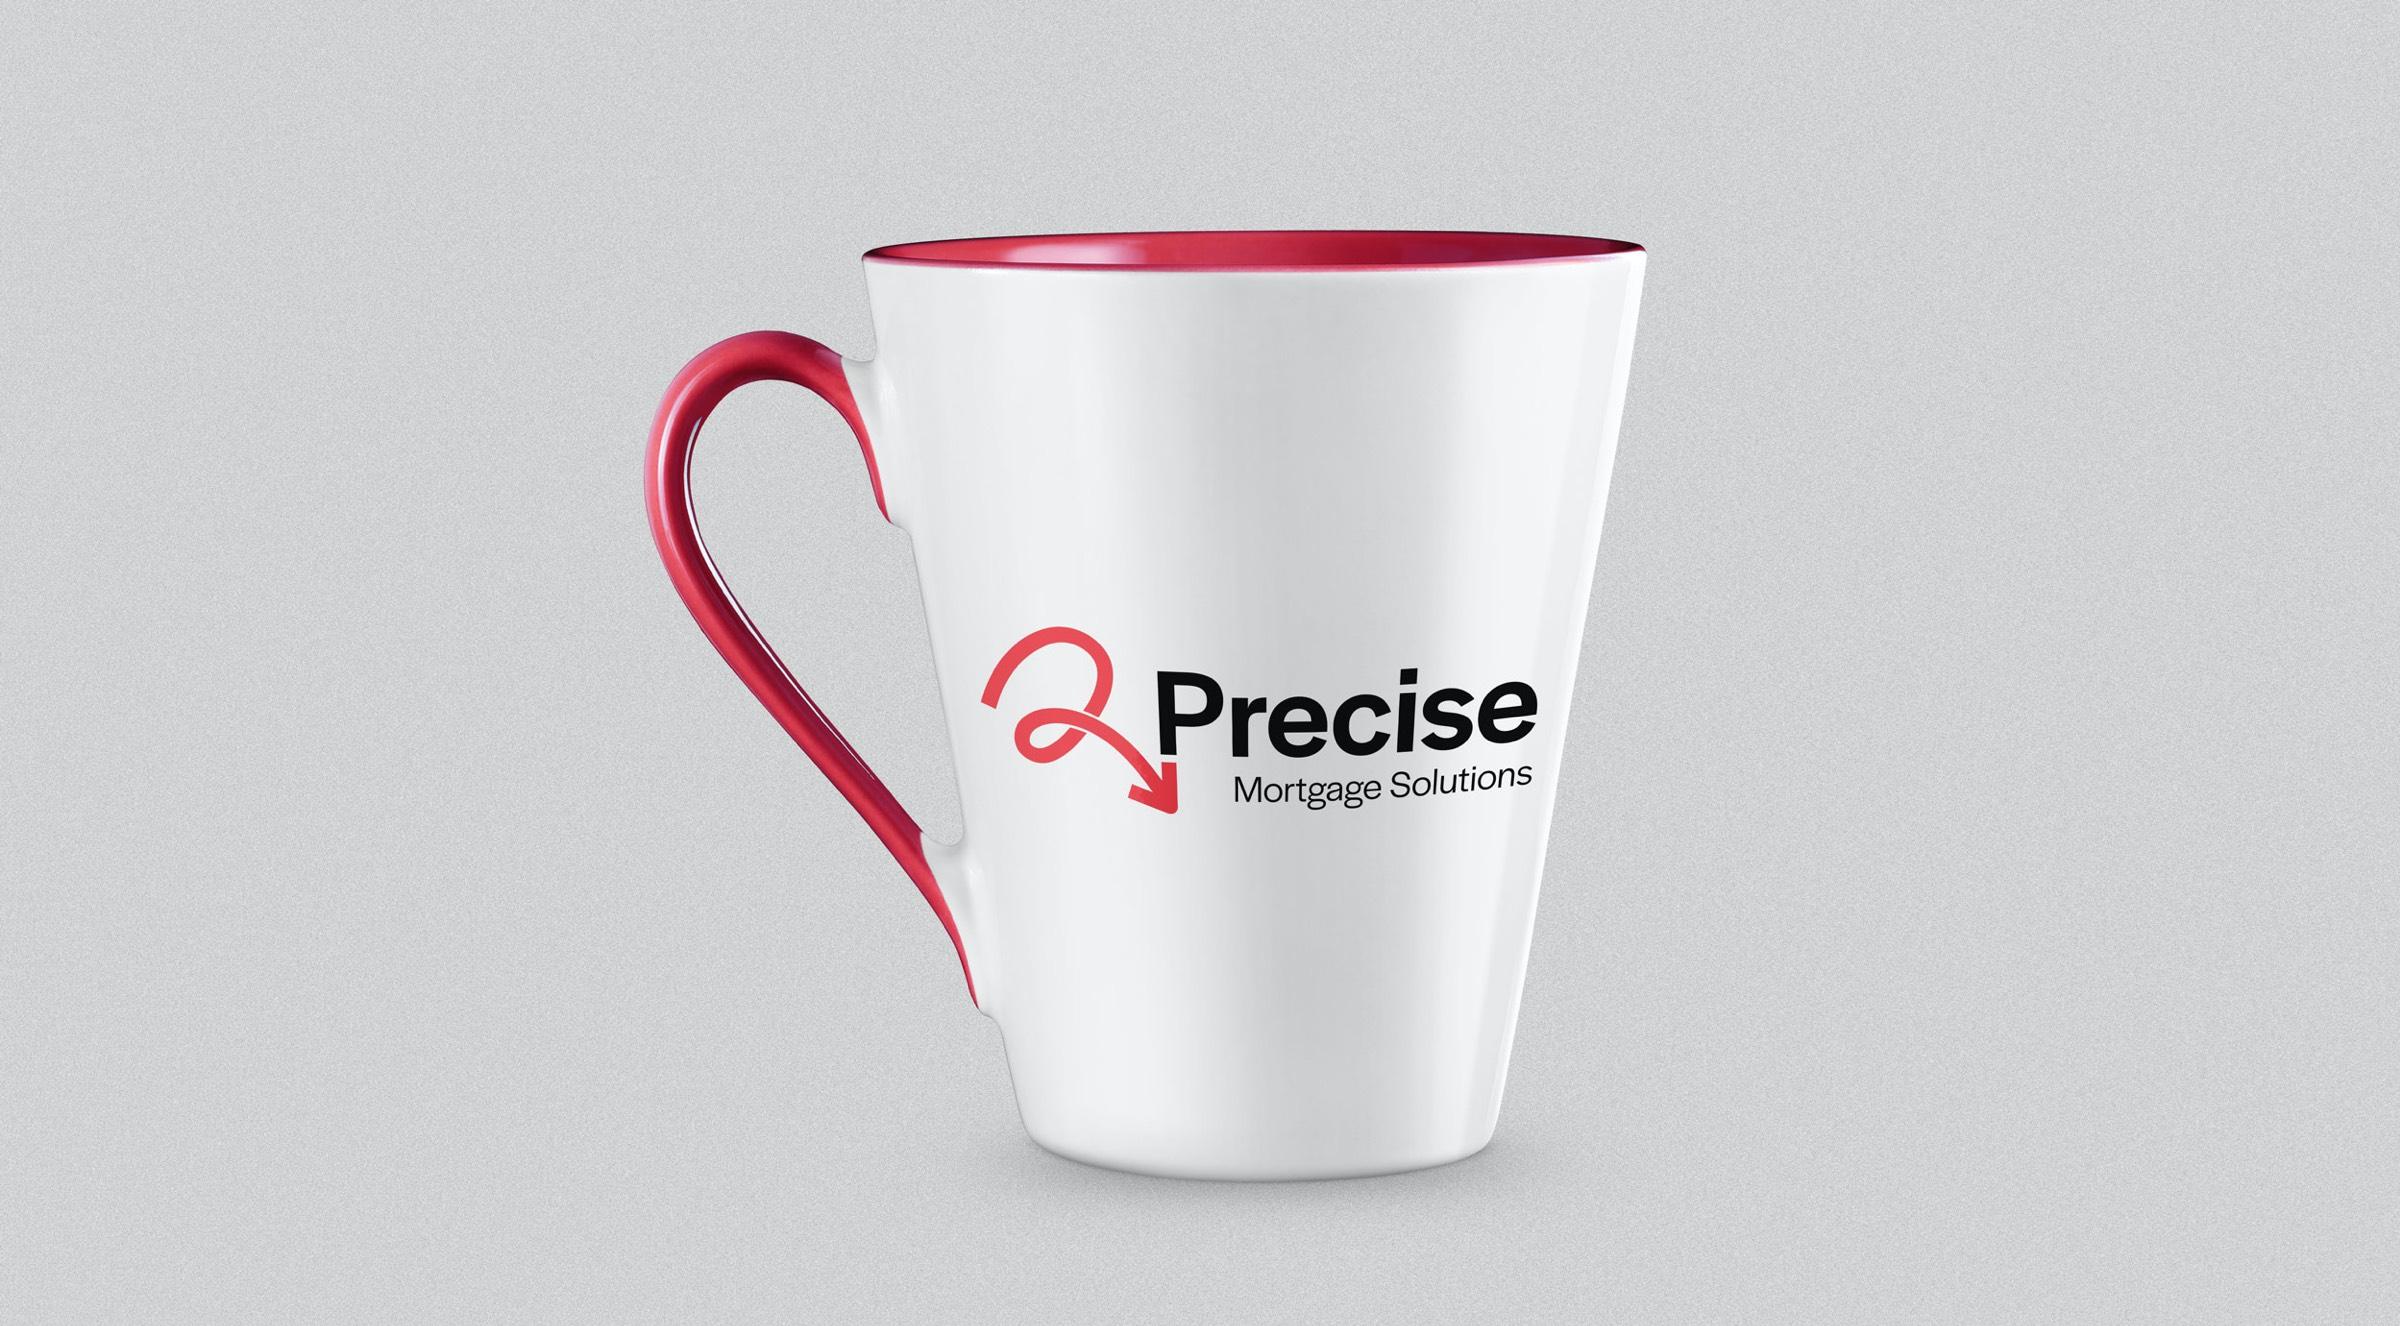 Precise Mortgages Mug